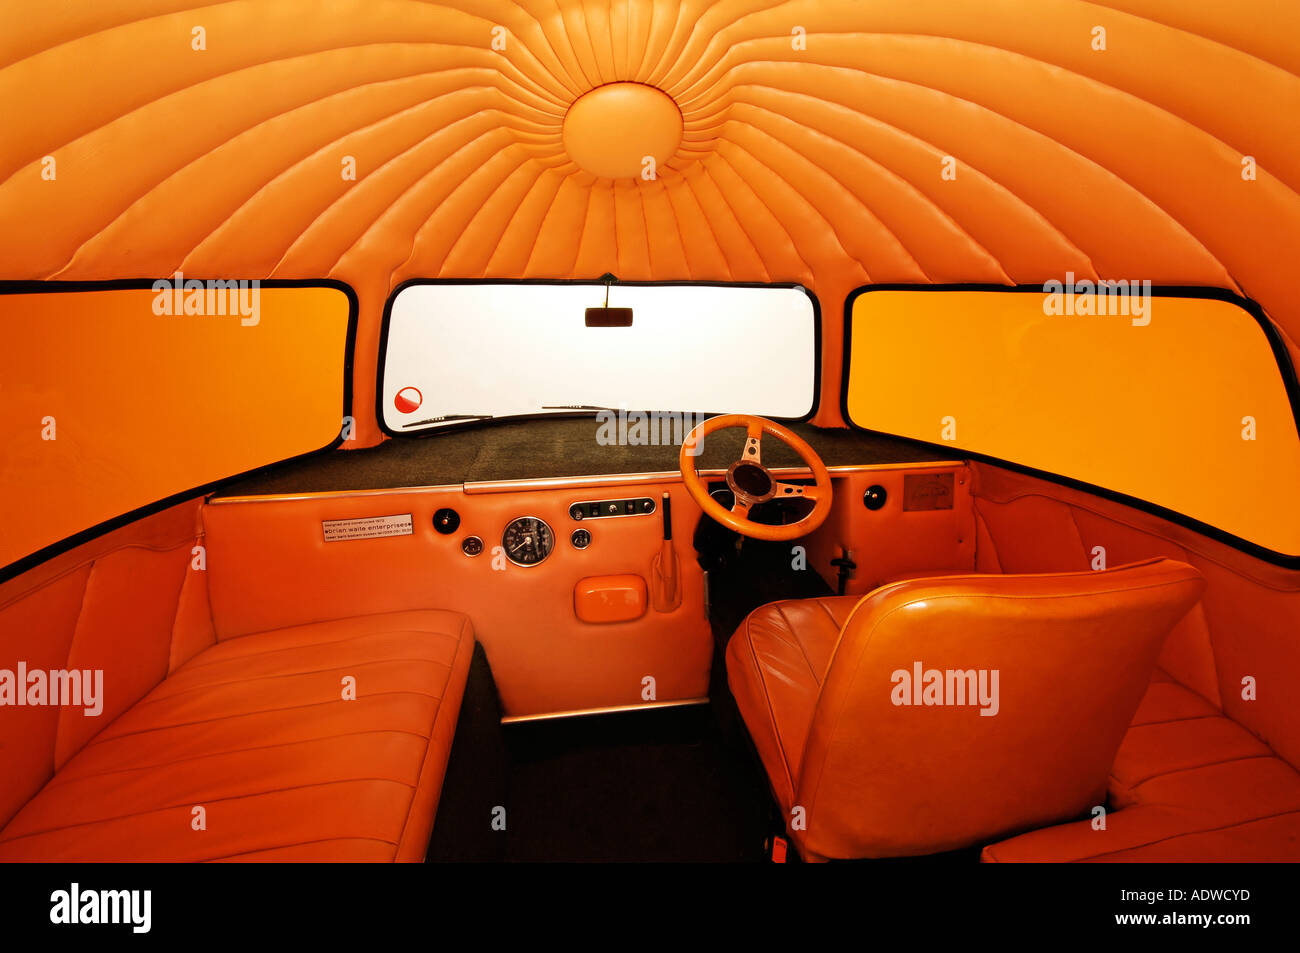 1972 Mini Outspan Orange - Stock Image